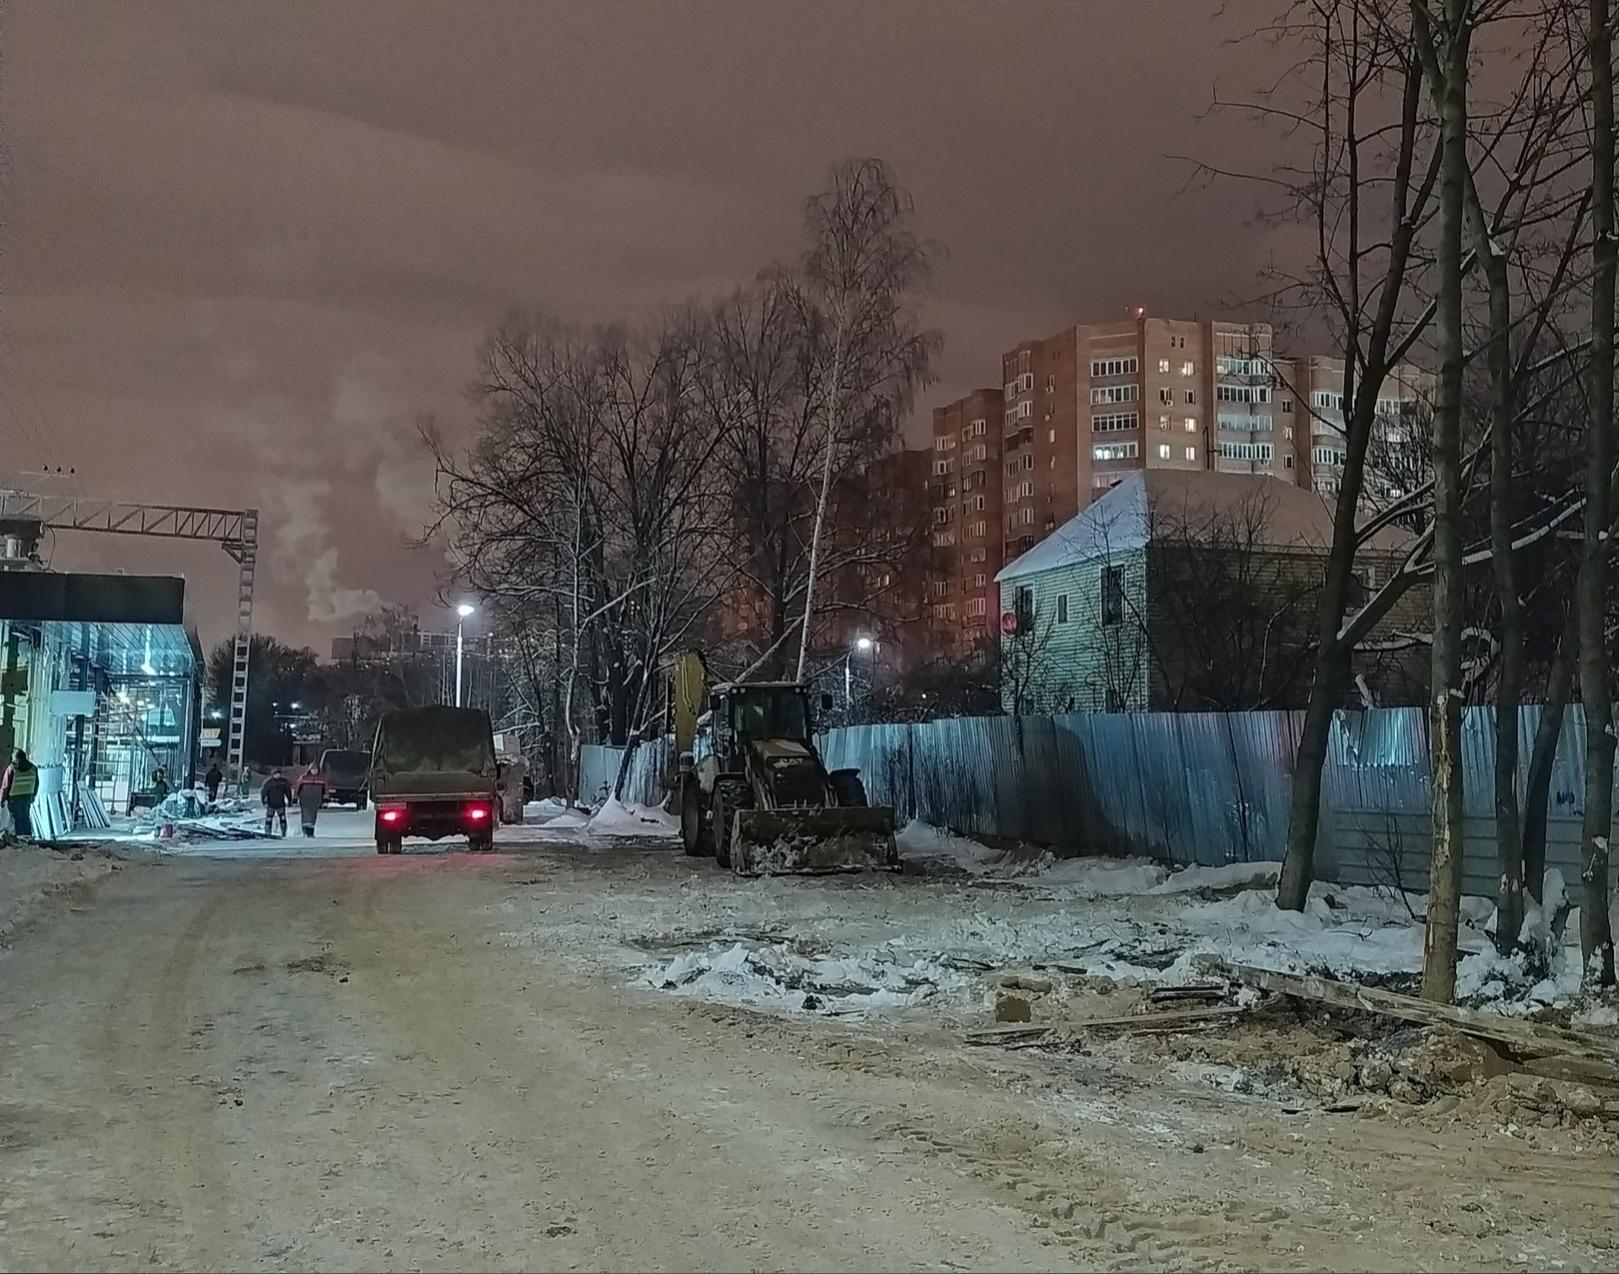 Подписчики сообщают, что проход на Баковке наконец-то открыт